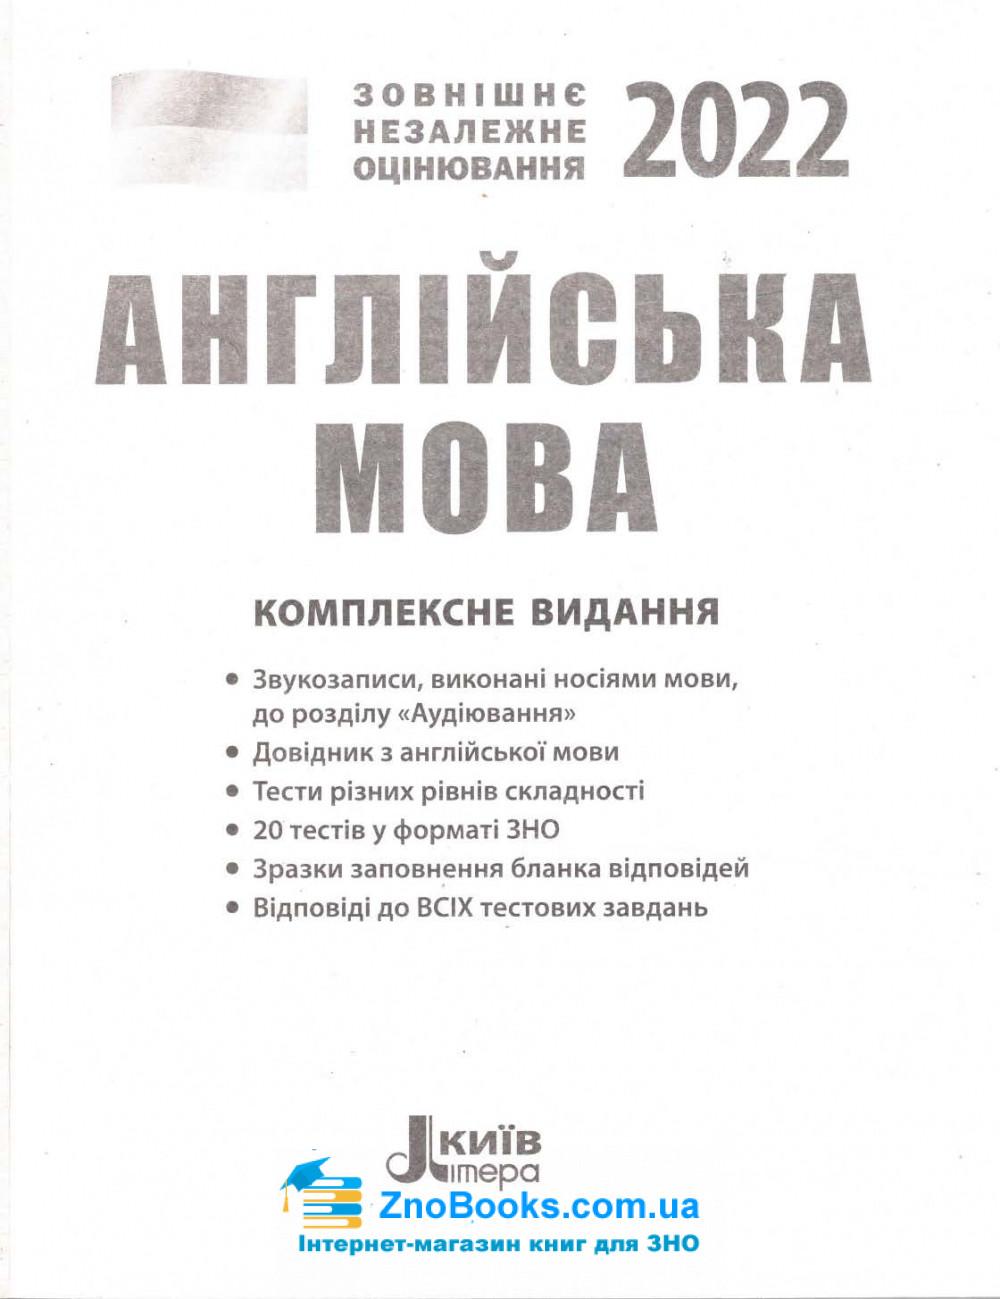 Англійська мова ЗНО 2022. Комплексне видання + типові тестові /КОМПЛЕКТ/ : Чернишова Ю., Мясоєдова С. Літера 1